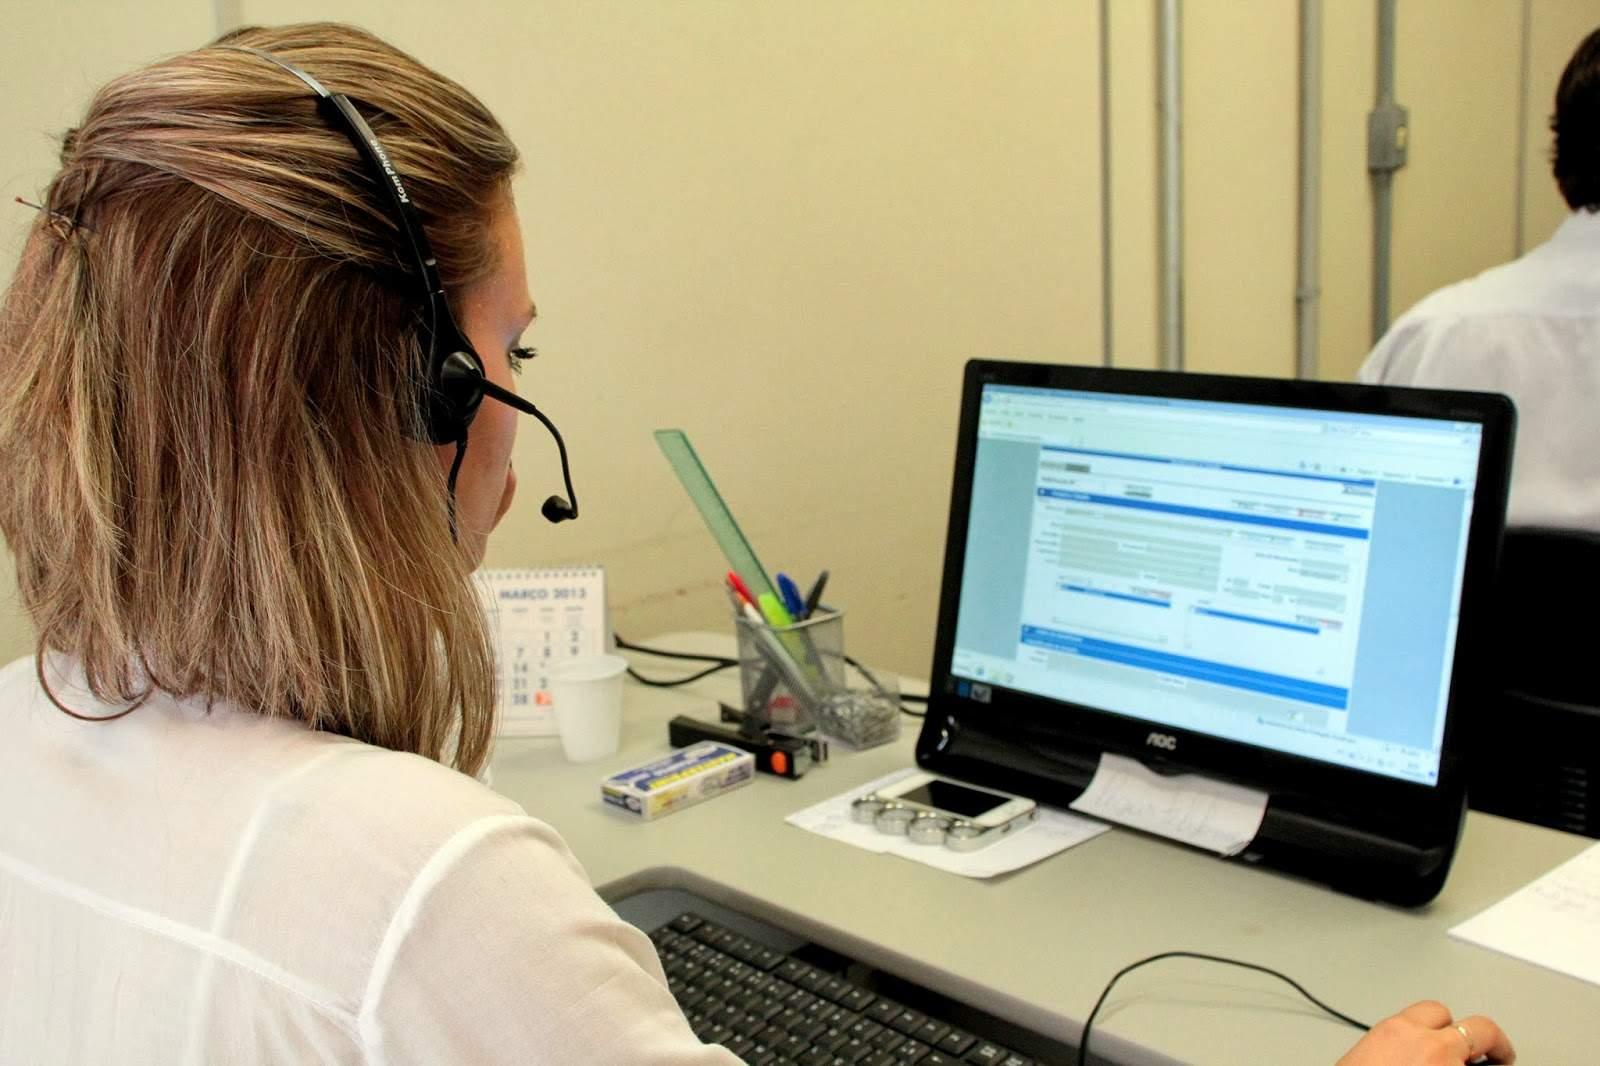 A ouvidoria precisa estar livre de julgamentos para solucionar problemas.